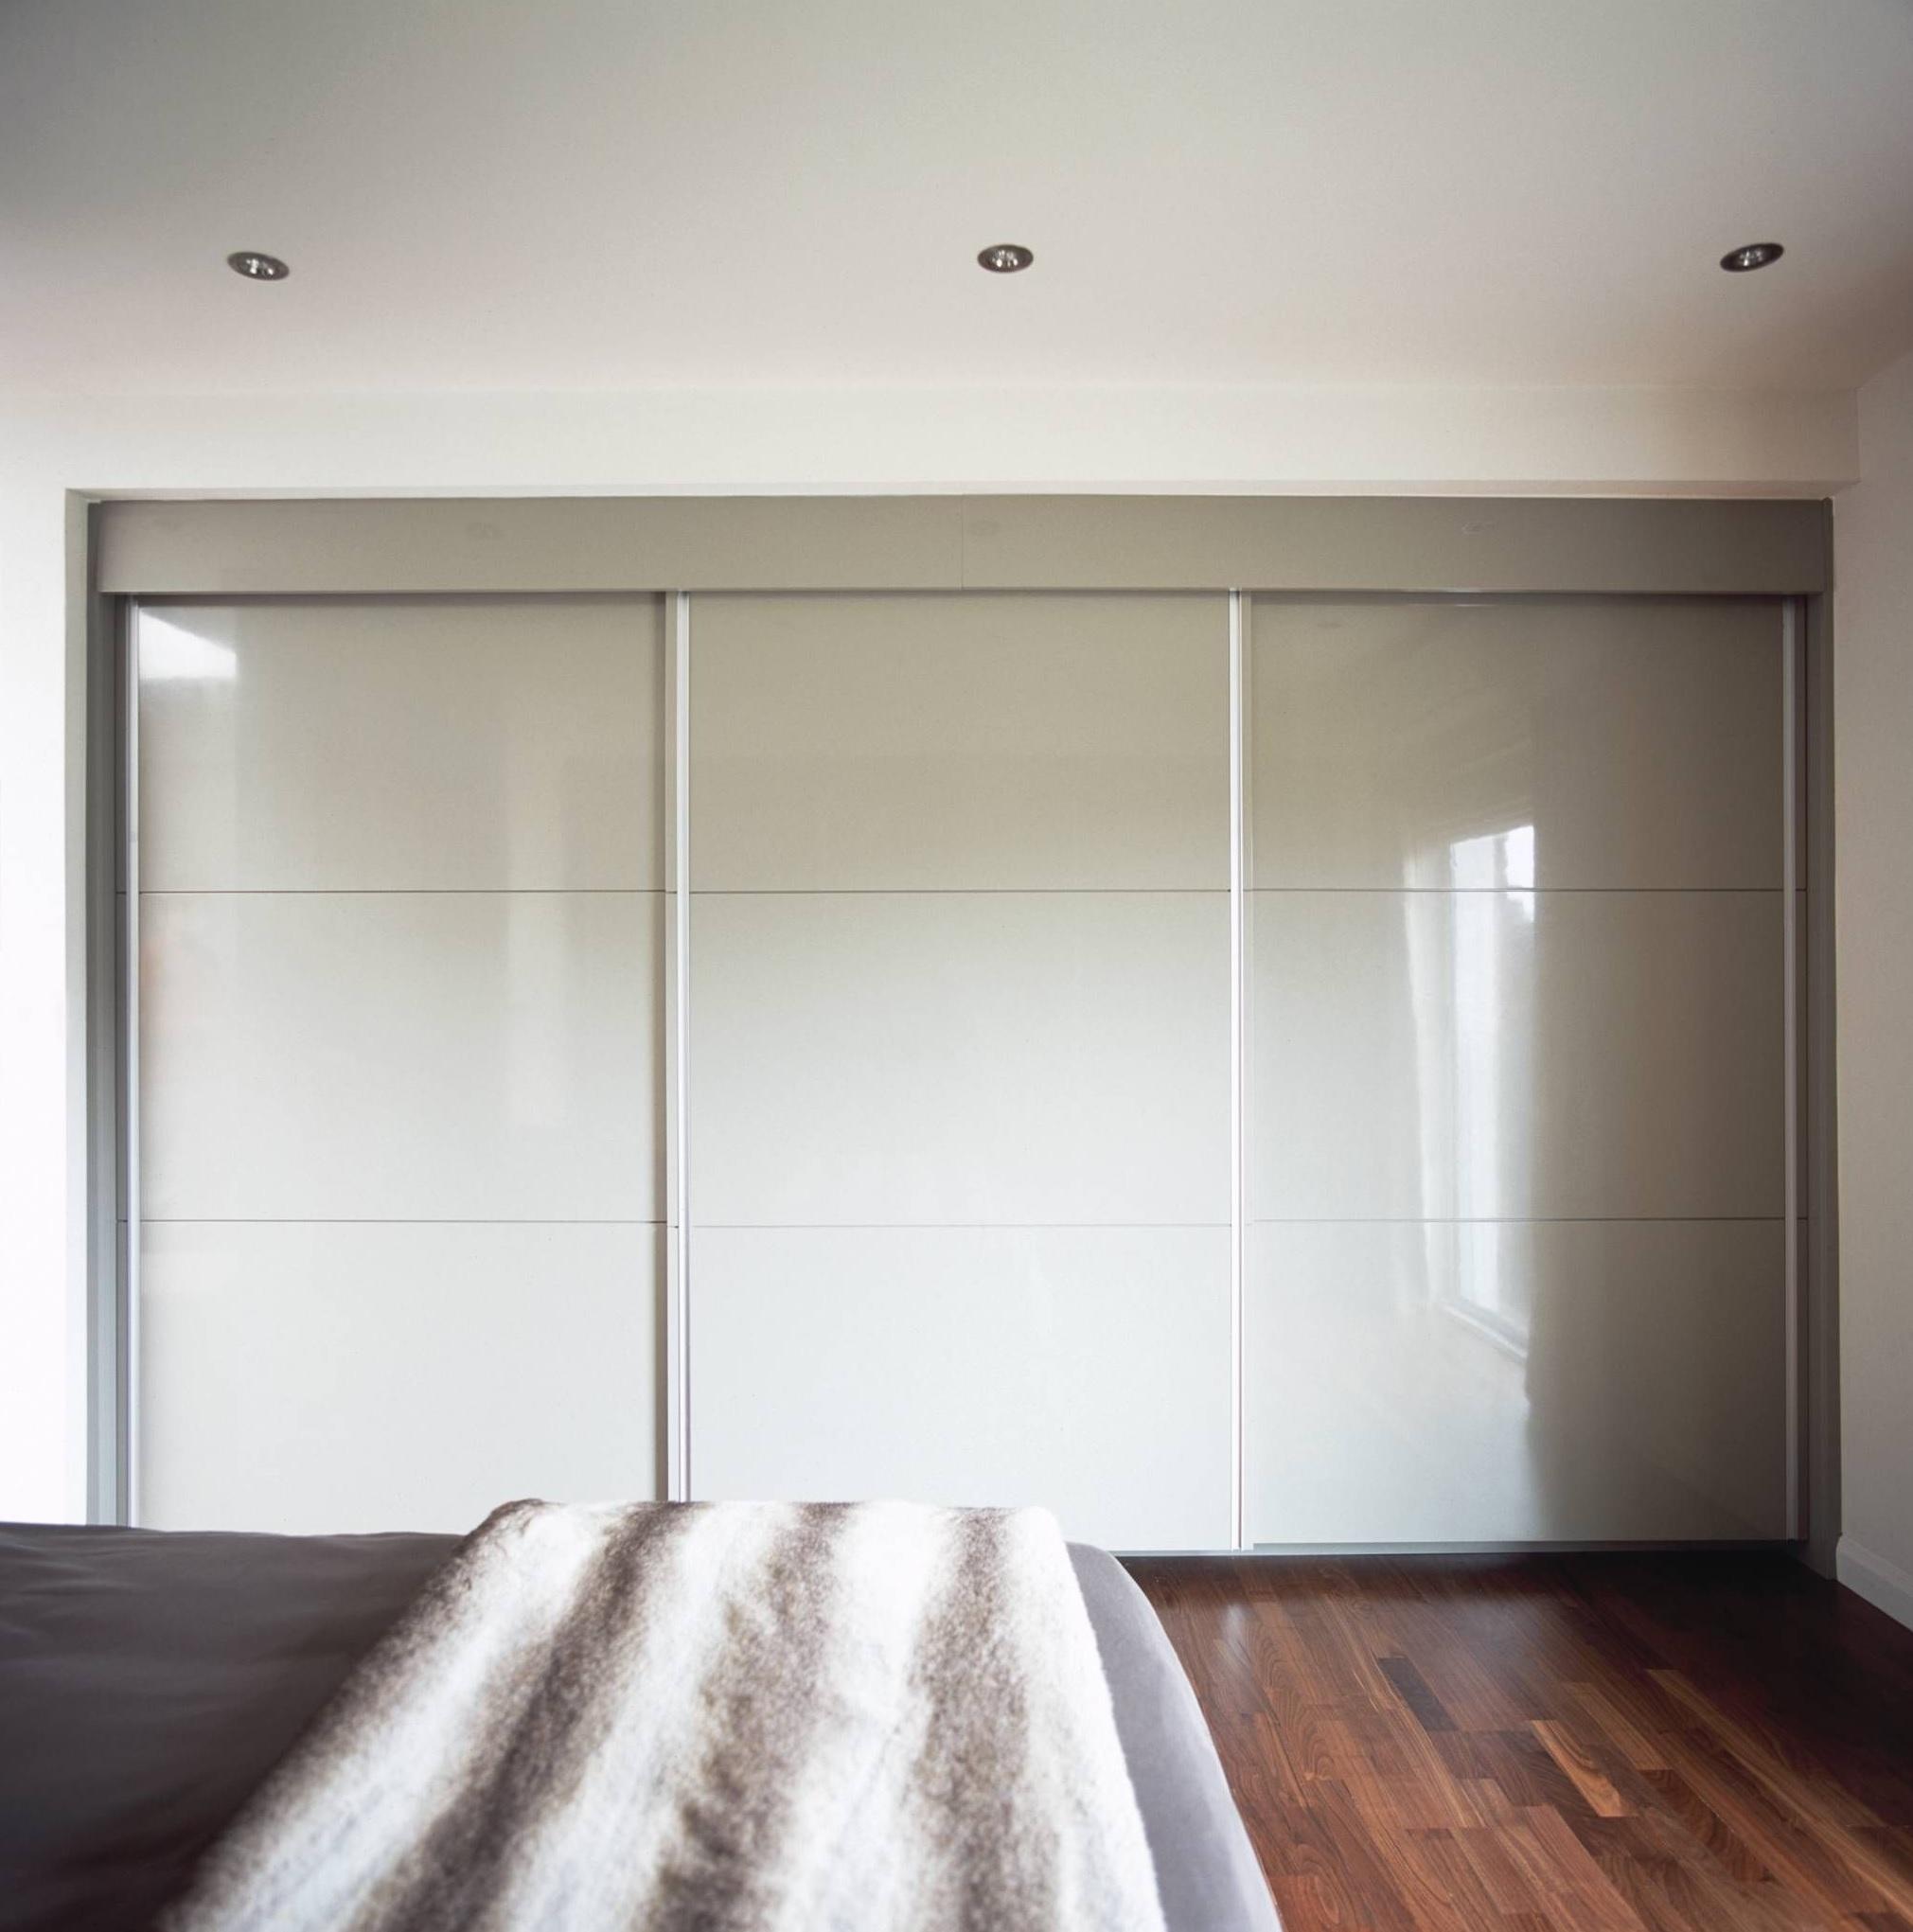 Раздвижные двери на роллетах в спальне